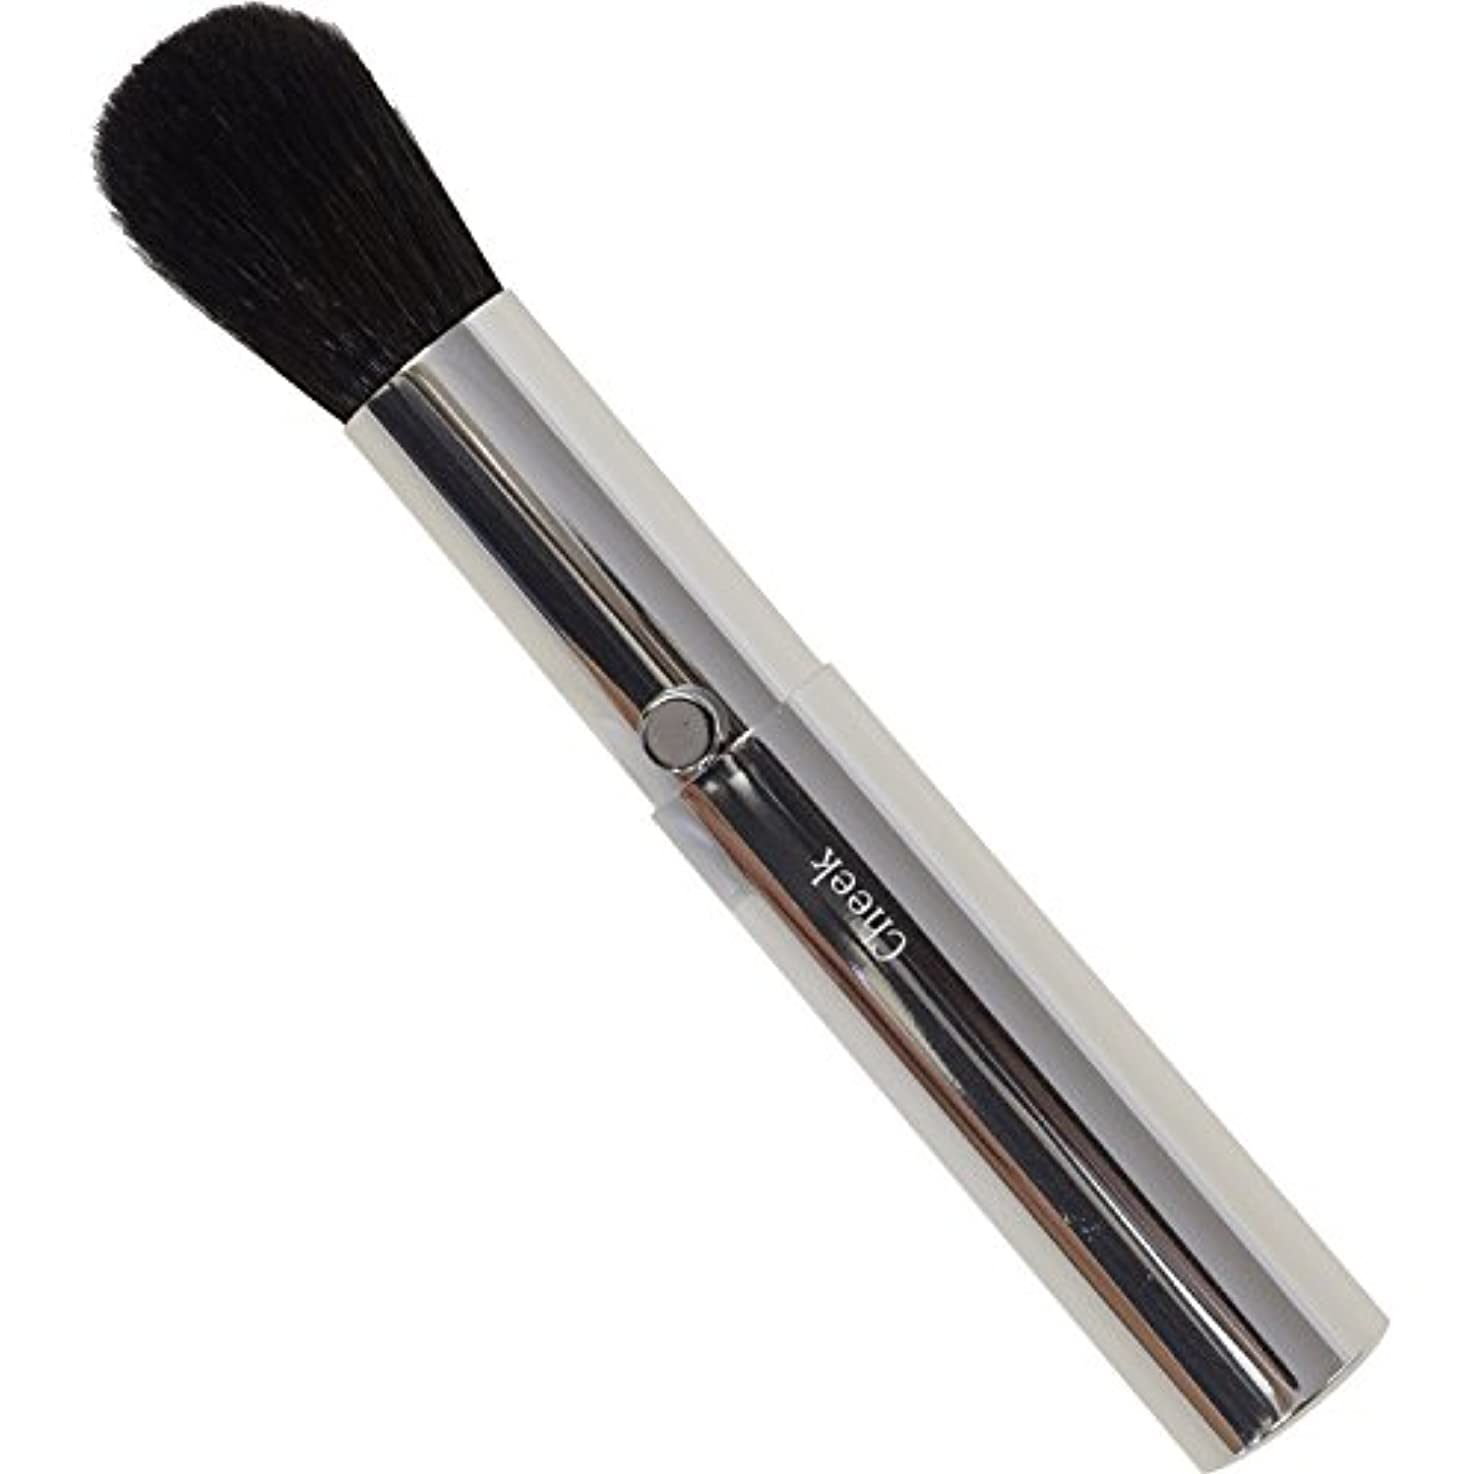 飛ぶ湿気の多い体操SSS-C2 六角館さくら堂 スタイリッシュシンプルチークブラシ 粗光峰100% 高品質のスライドタイプ化粧筆